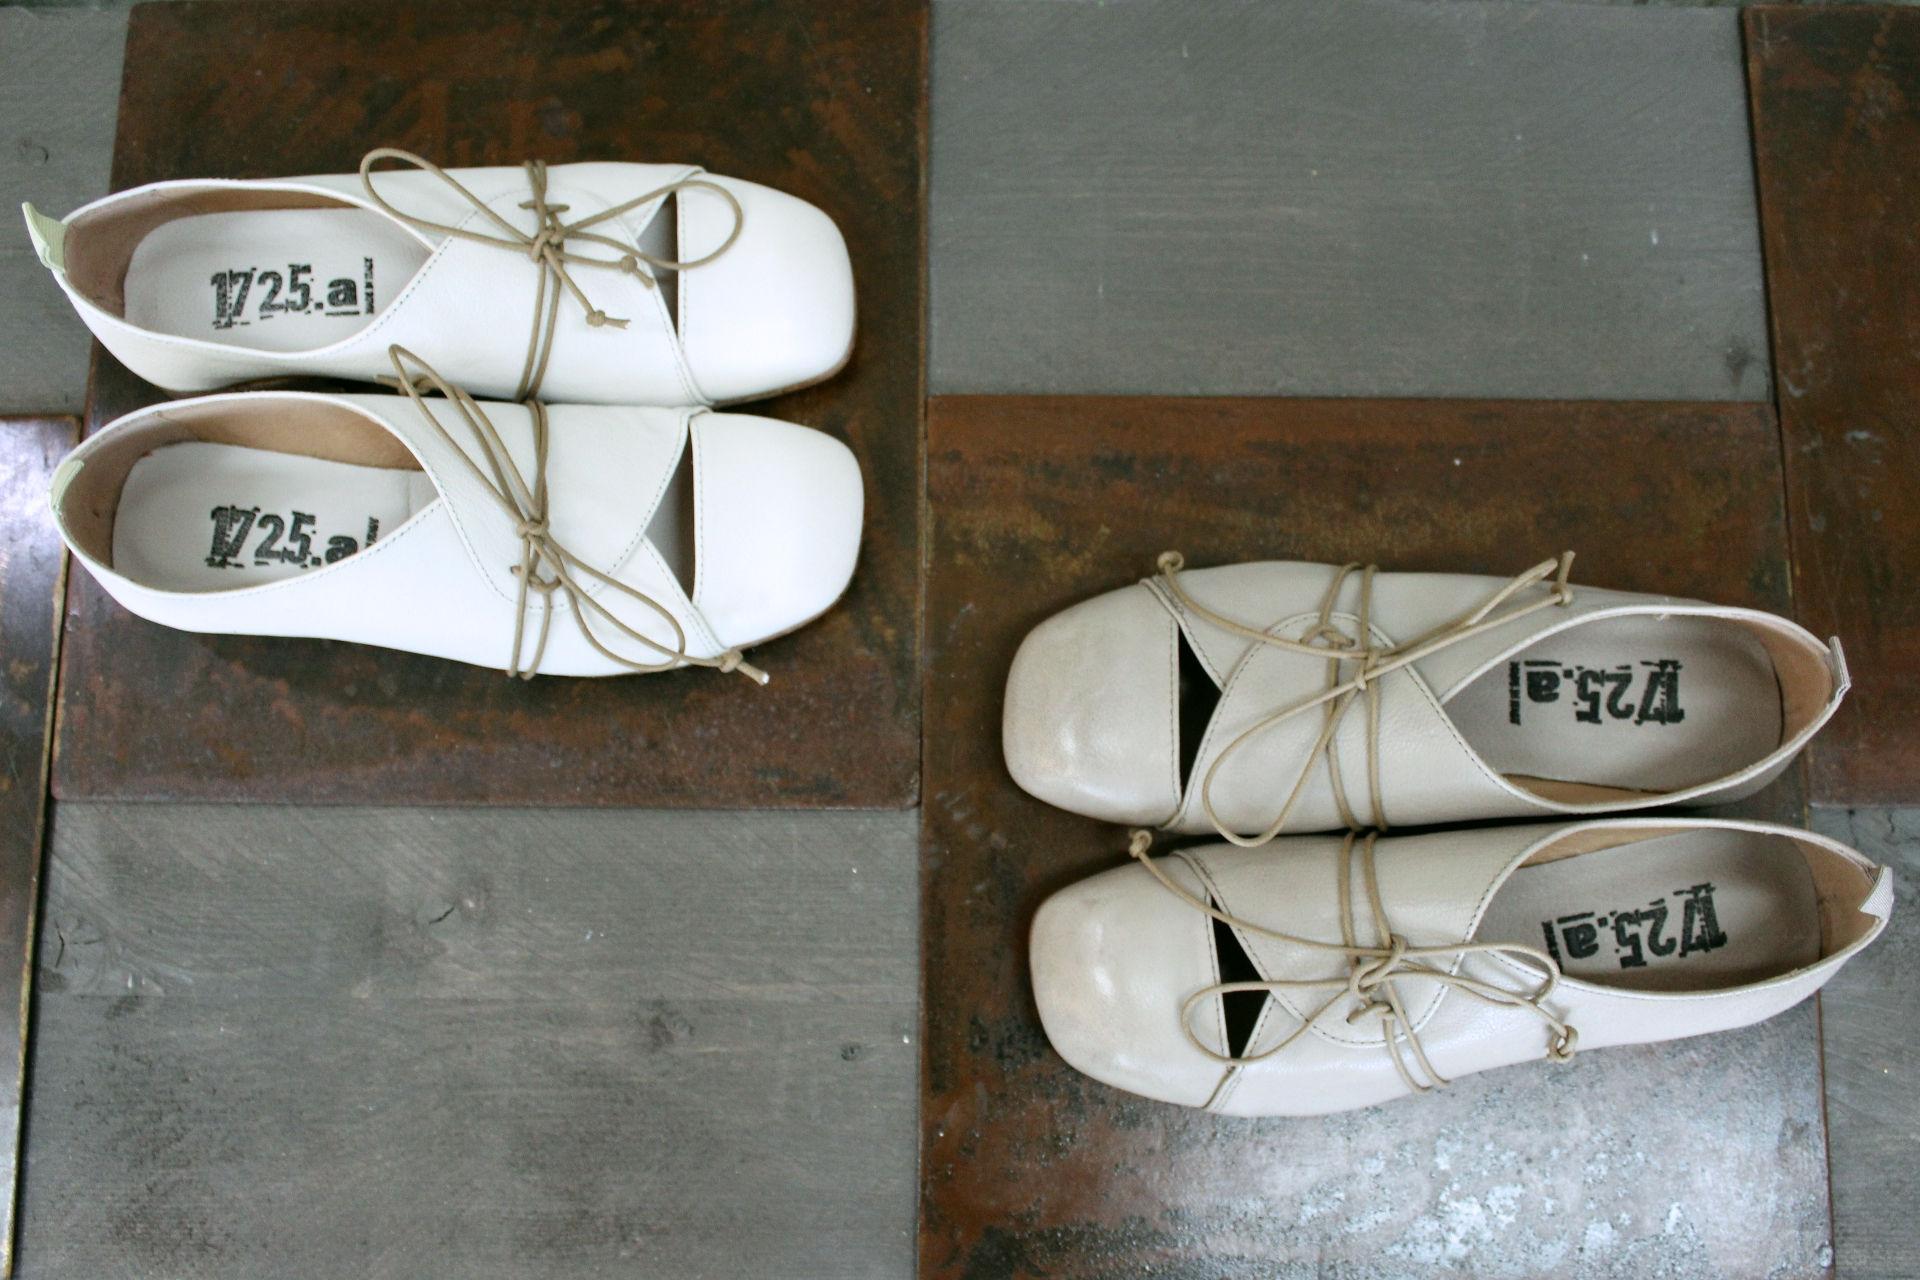 ballerine-primavera-estate-1725a-01